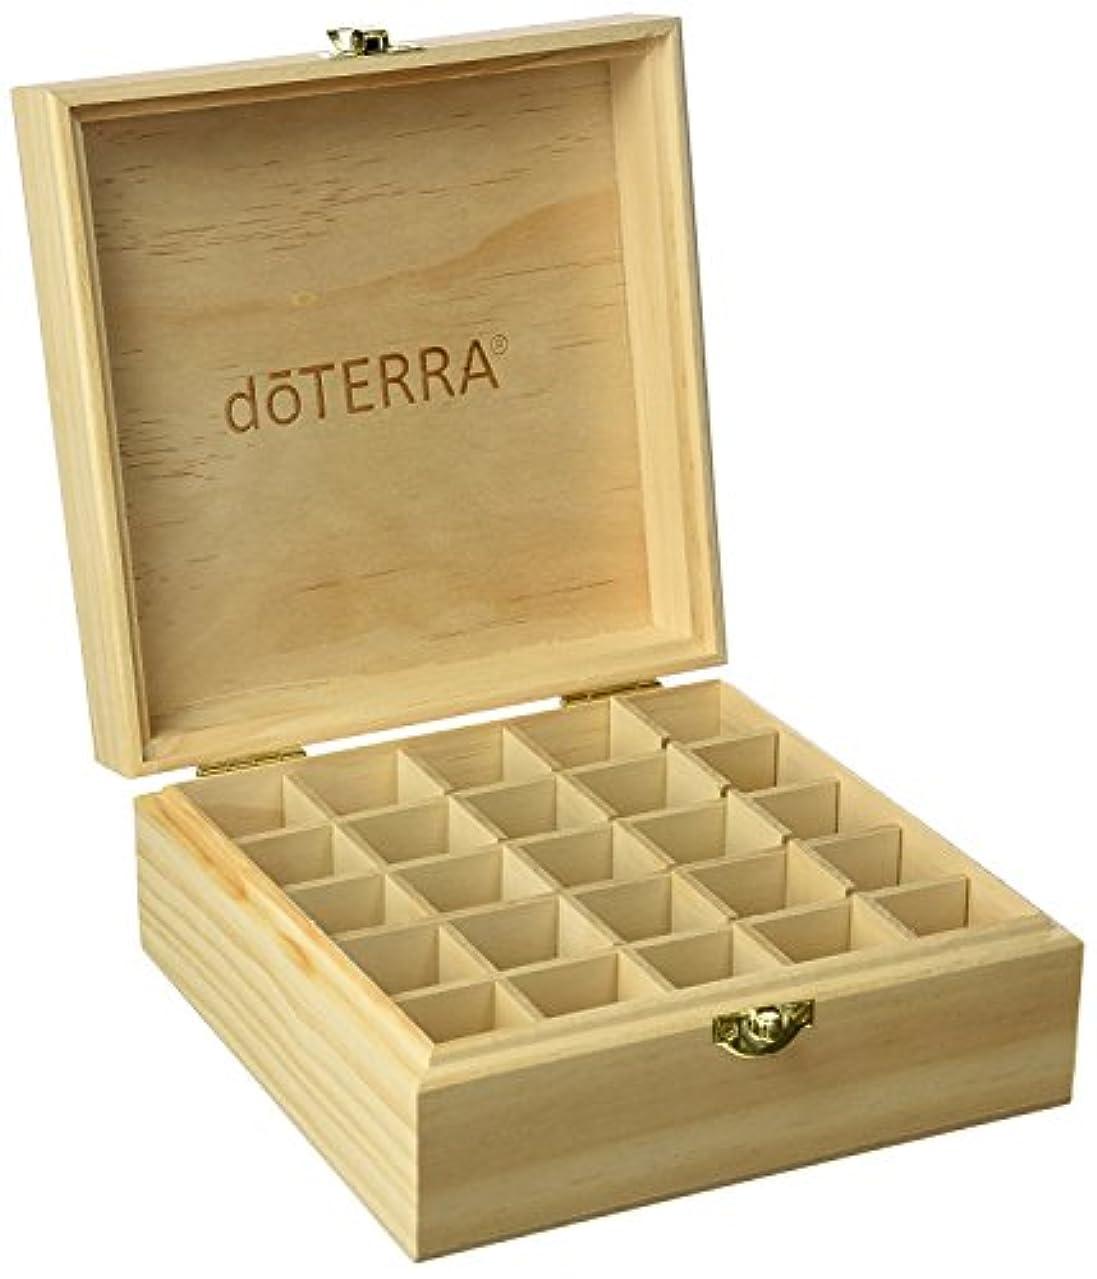 十億フォーカス苦難エッセンシャルオイル収納ボックス25本用 エッセンシャルオイルボックス 20 mlのボトルを15 mlのための25のブロックによって木製のキャビネット